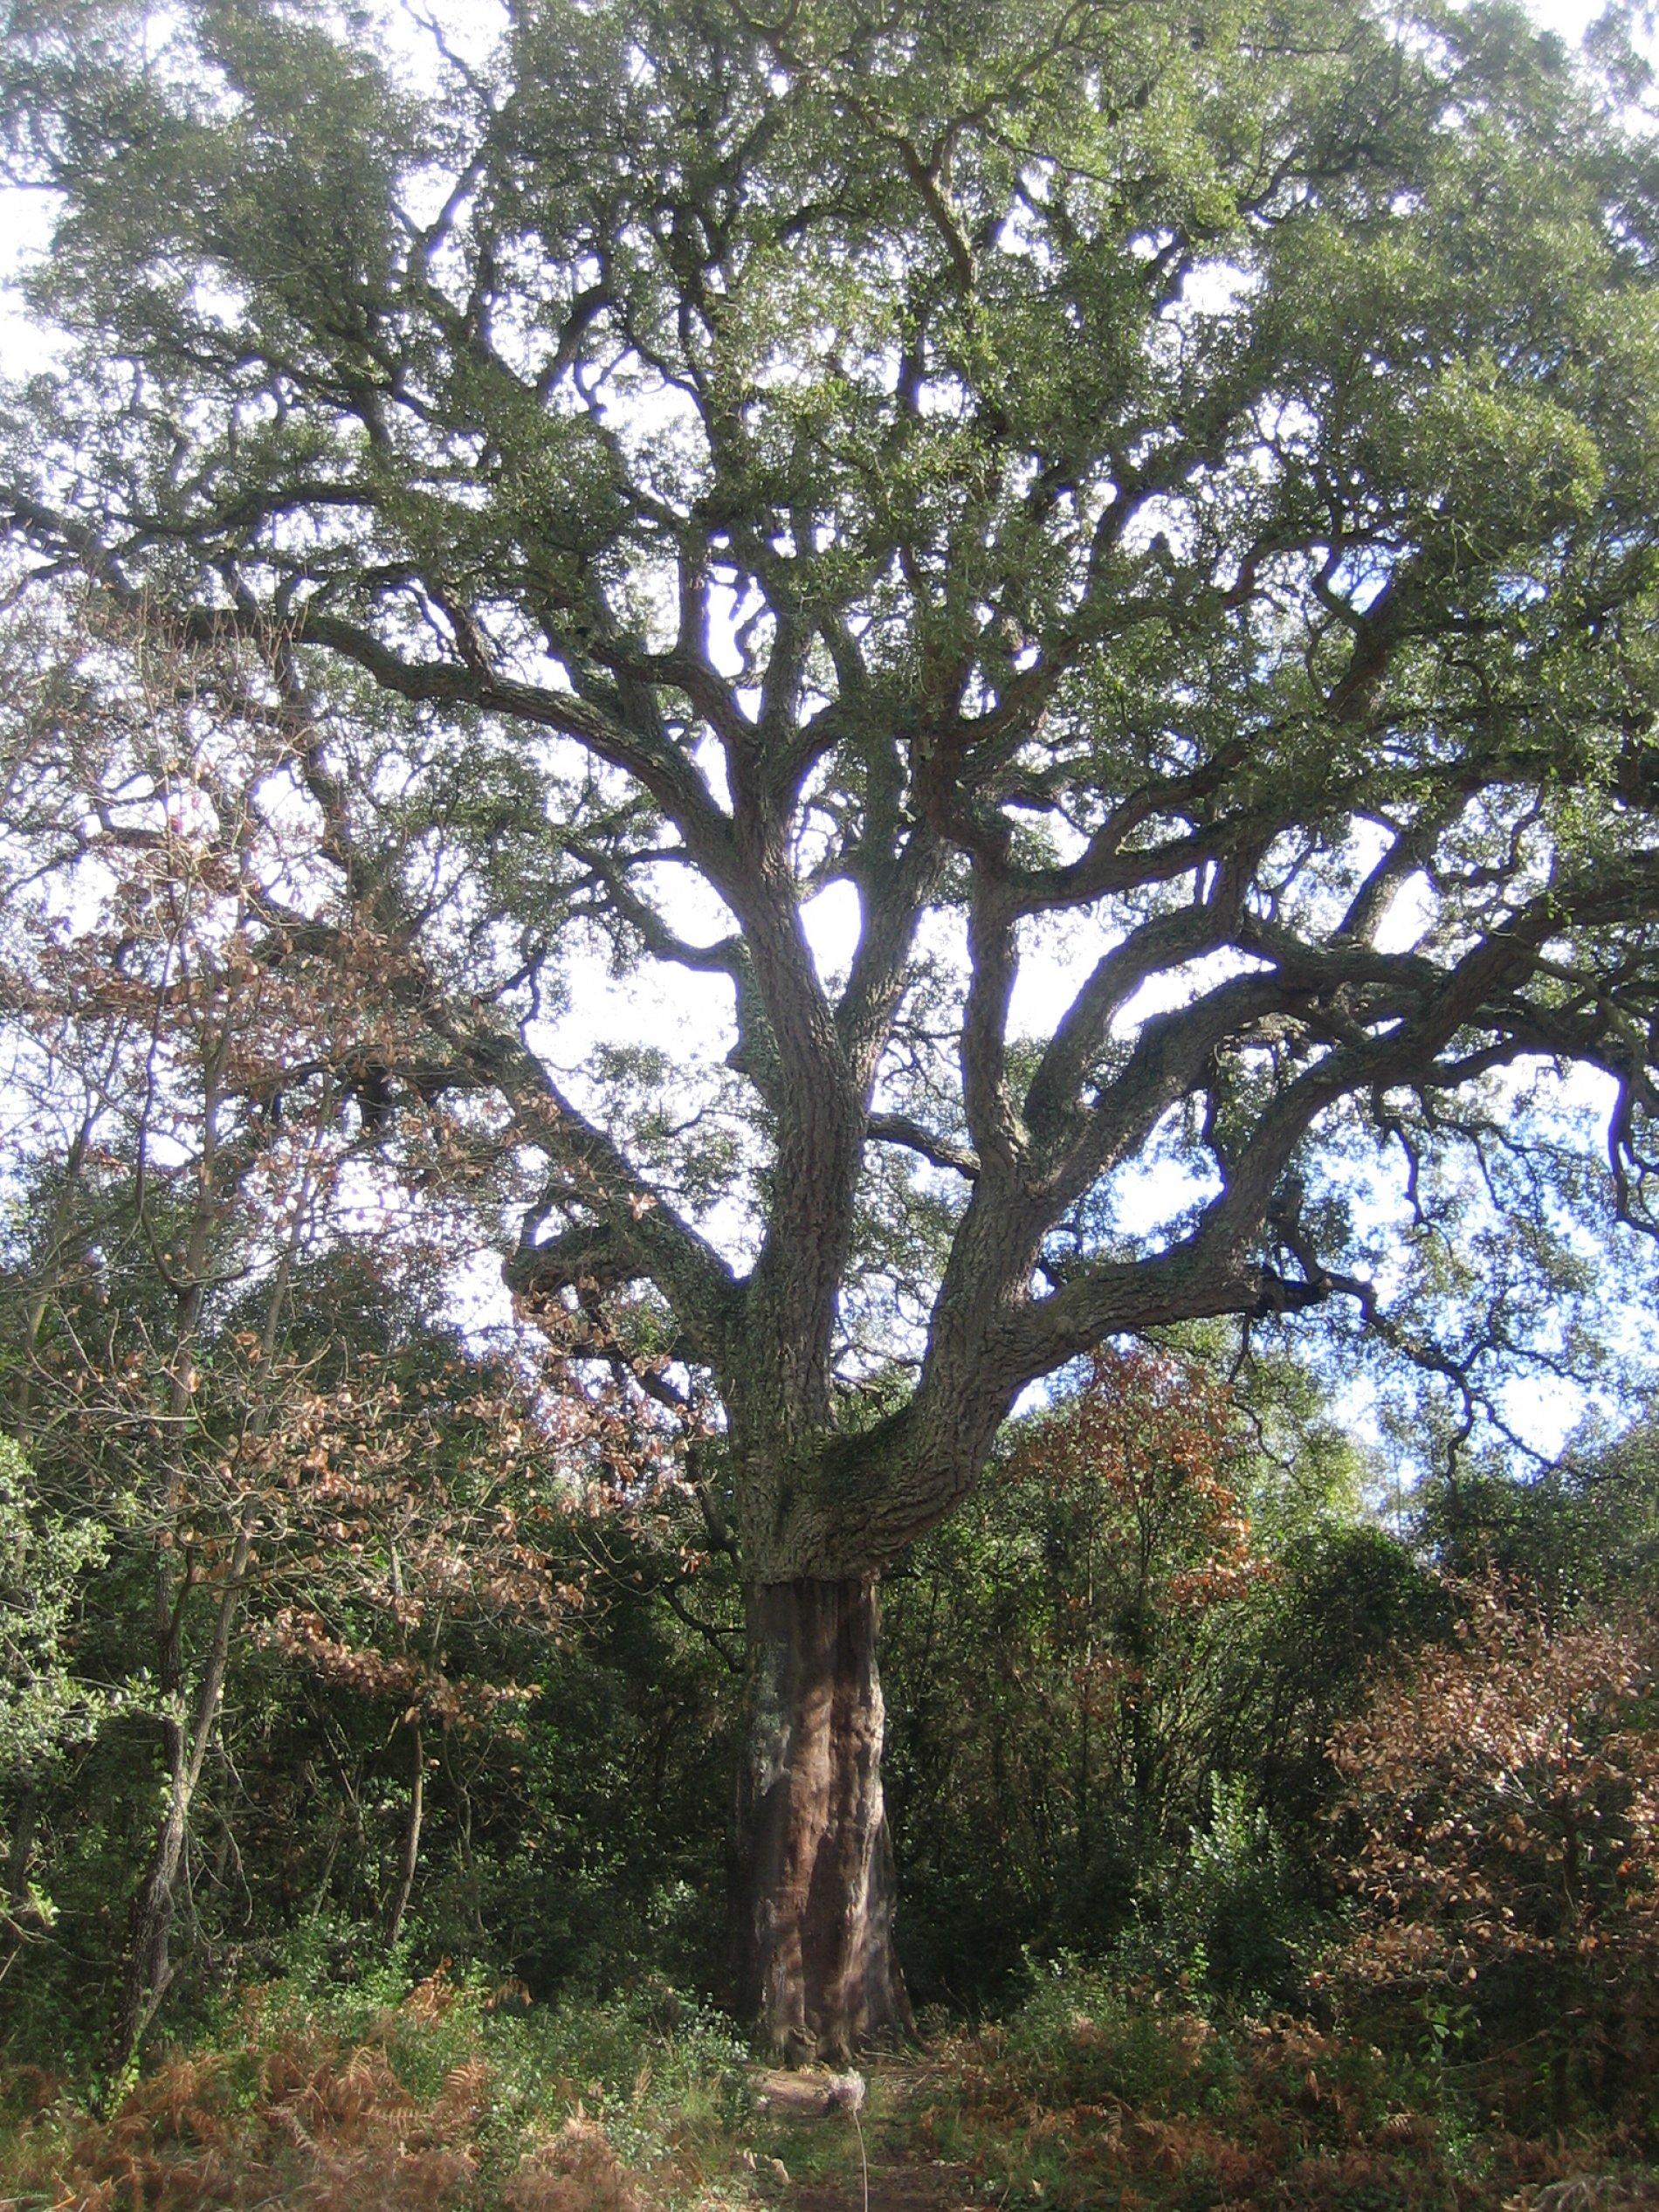 El suro de la fotografia és un suro monumental molt conegut de Romanyà. Forma part de l'itinerari els Gegants del Bosc. El suro té el tronc pelat fins al punt d'on li comencen a créixer les branques. Té un port recte i les branques gruixudes i amb ramificacions. És un arbre amb personalitat.